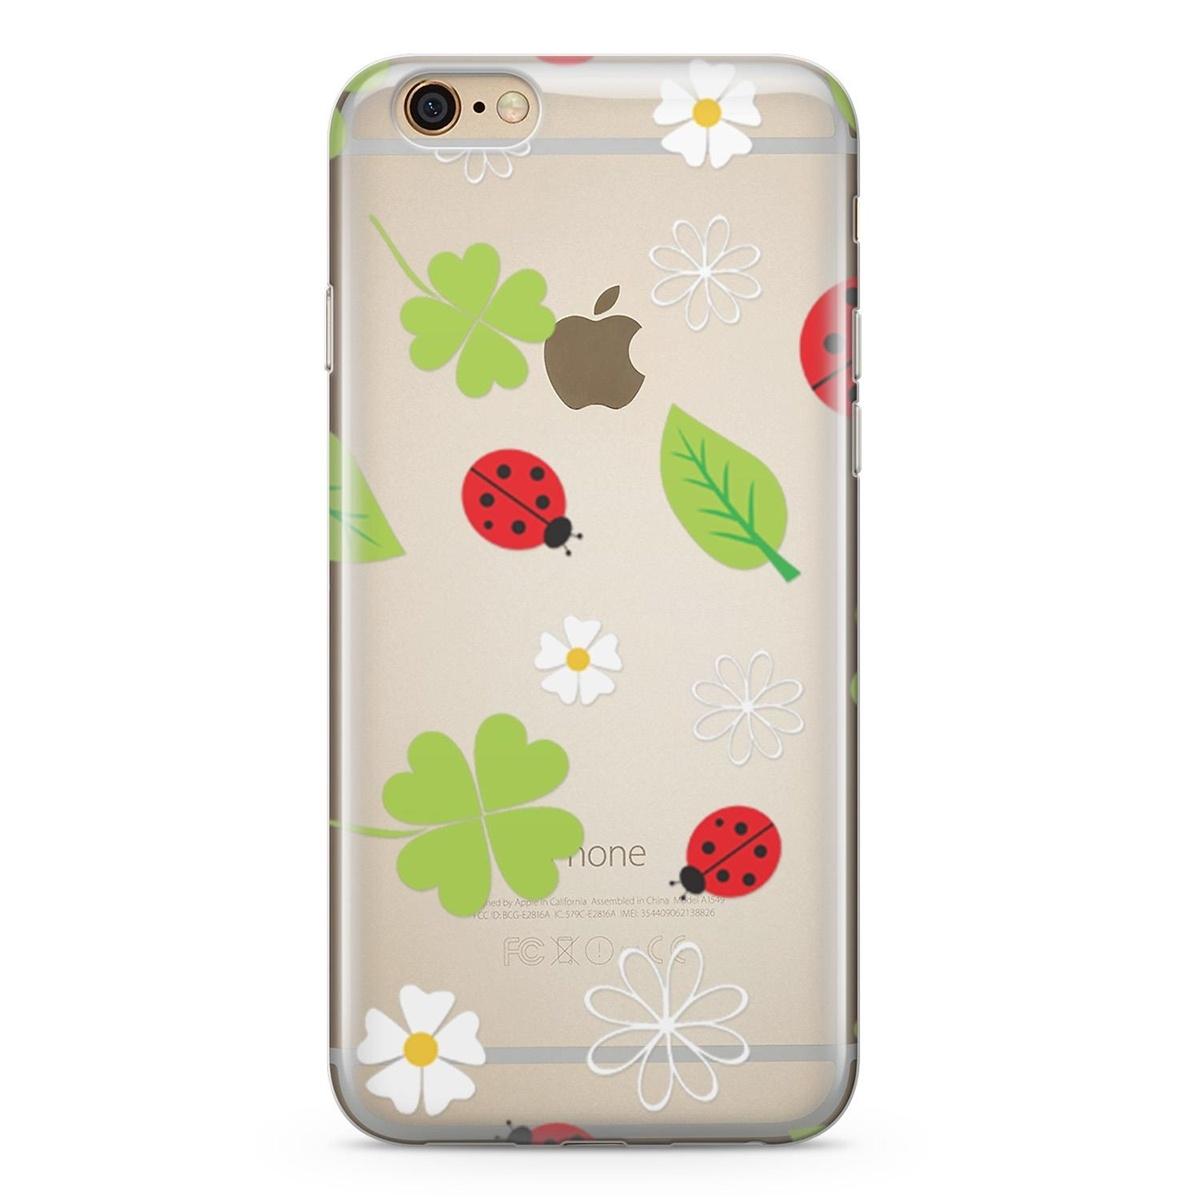 Standart Lopard Apple iPhone 6 Plus Kılıf Uğur Böcekleri Yonca Kapak